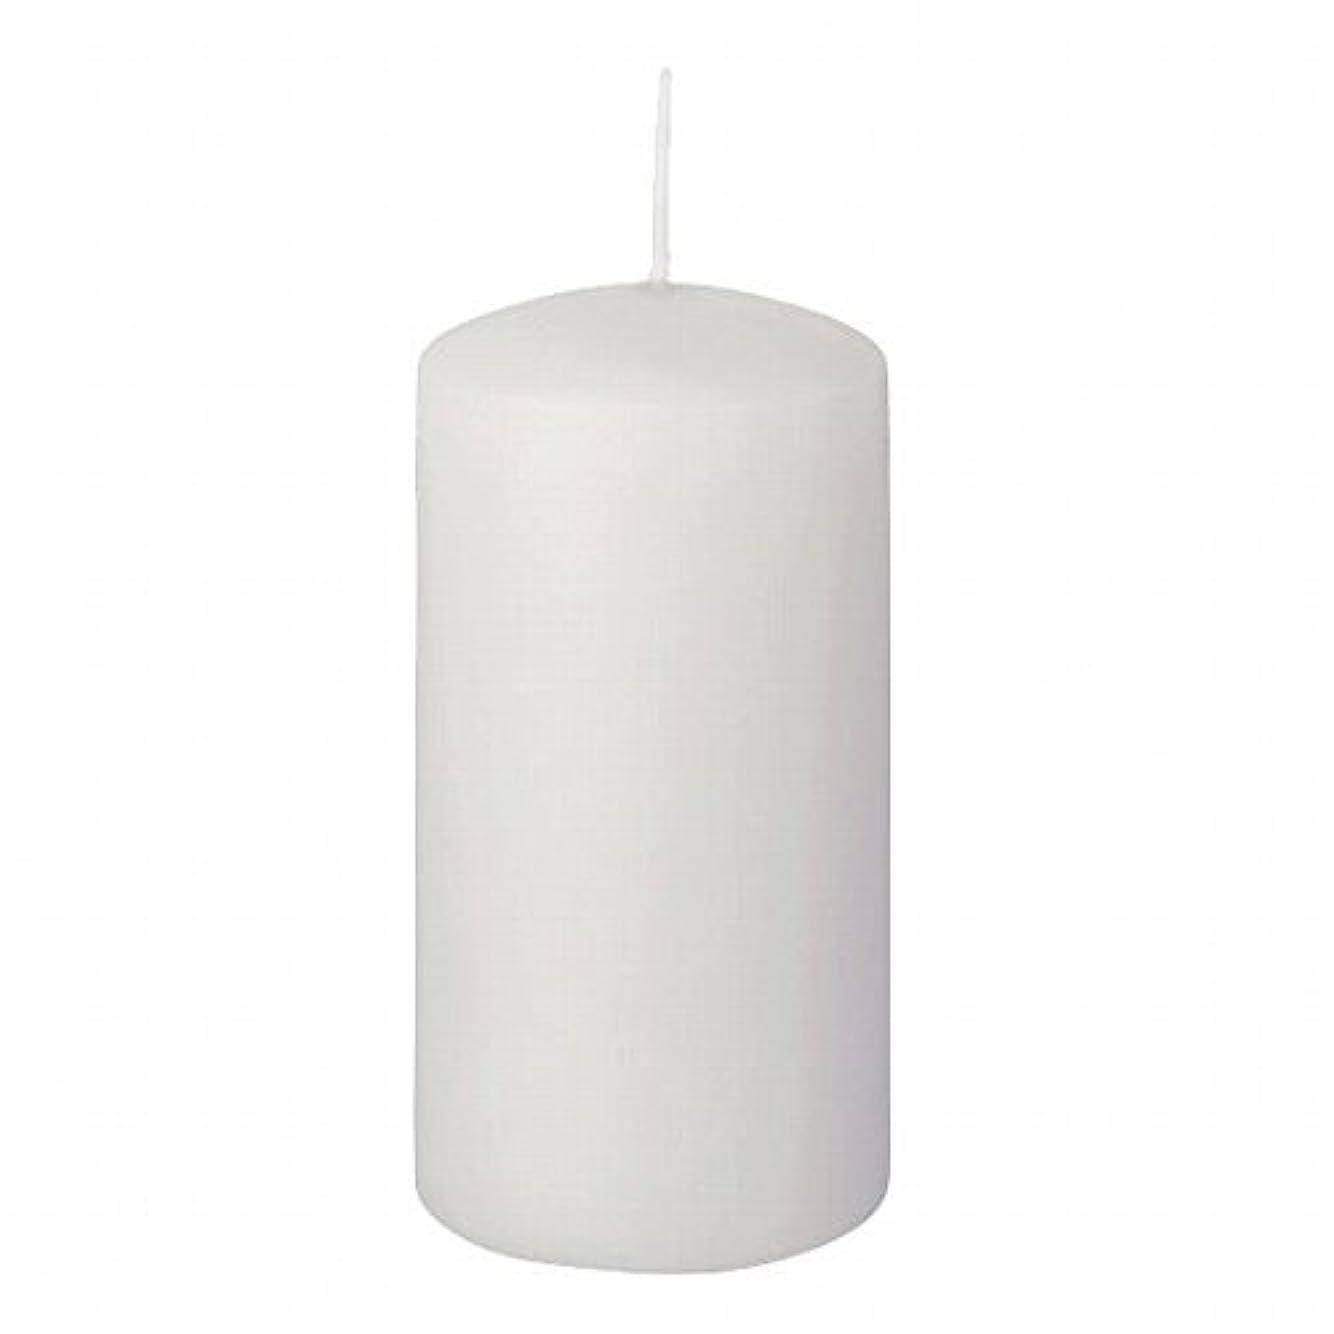 護衛ブランド思春期ヤンキーキャンドル(YANKEE CANDLE) 4インチピラー50 「 ホワイト 」